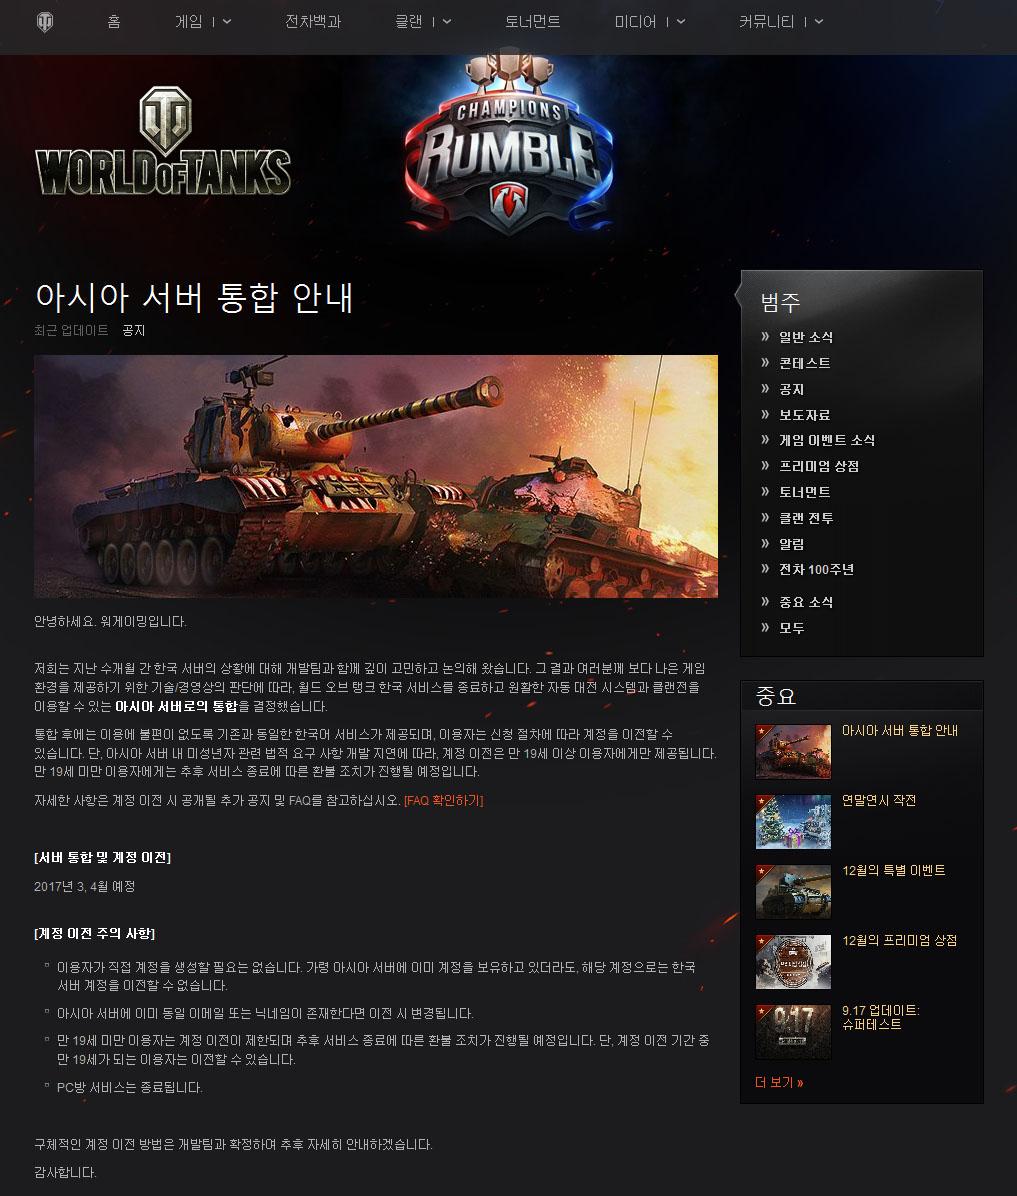 월드 오브 탱크 한국서버 - 2017년 3~4월 종료. 아시아 섭으로 통합 이전.